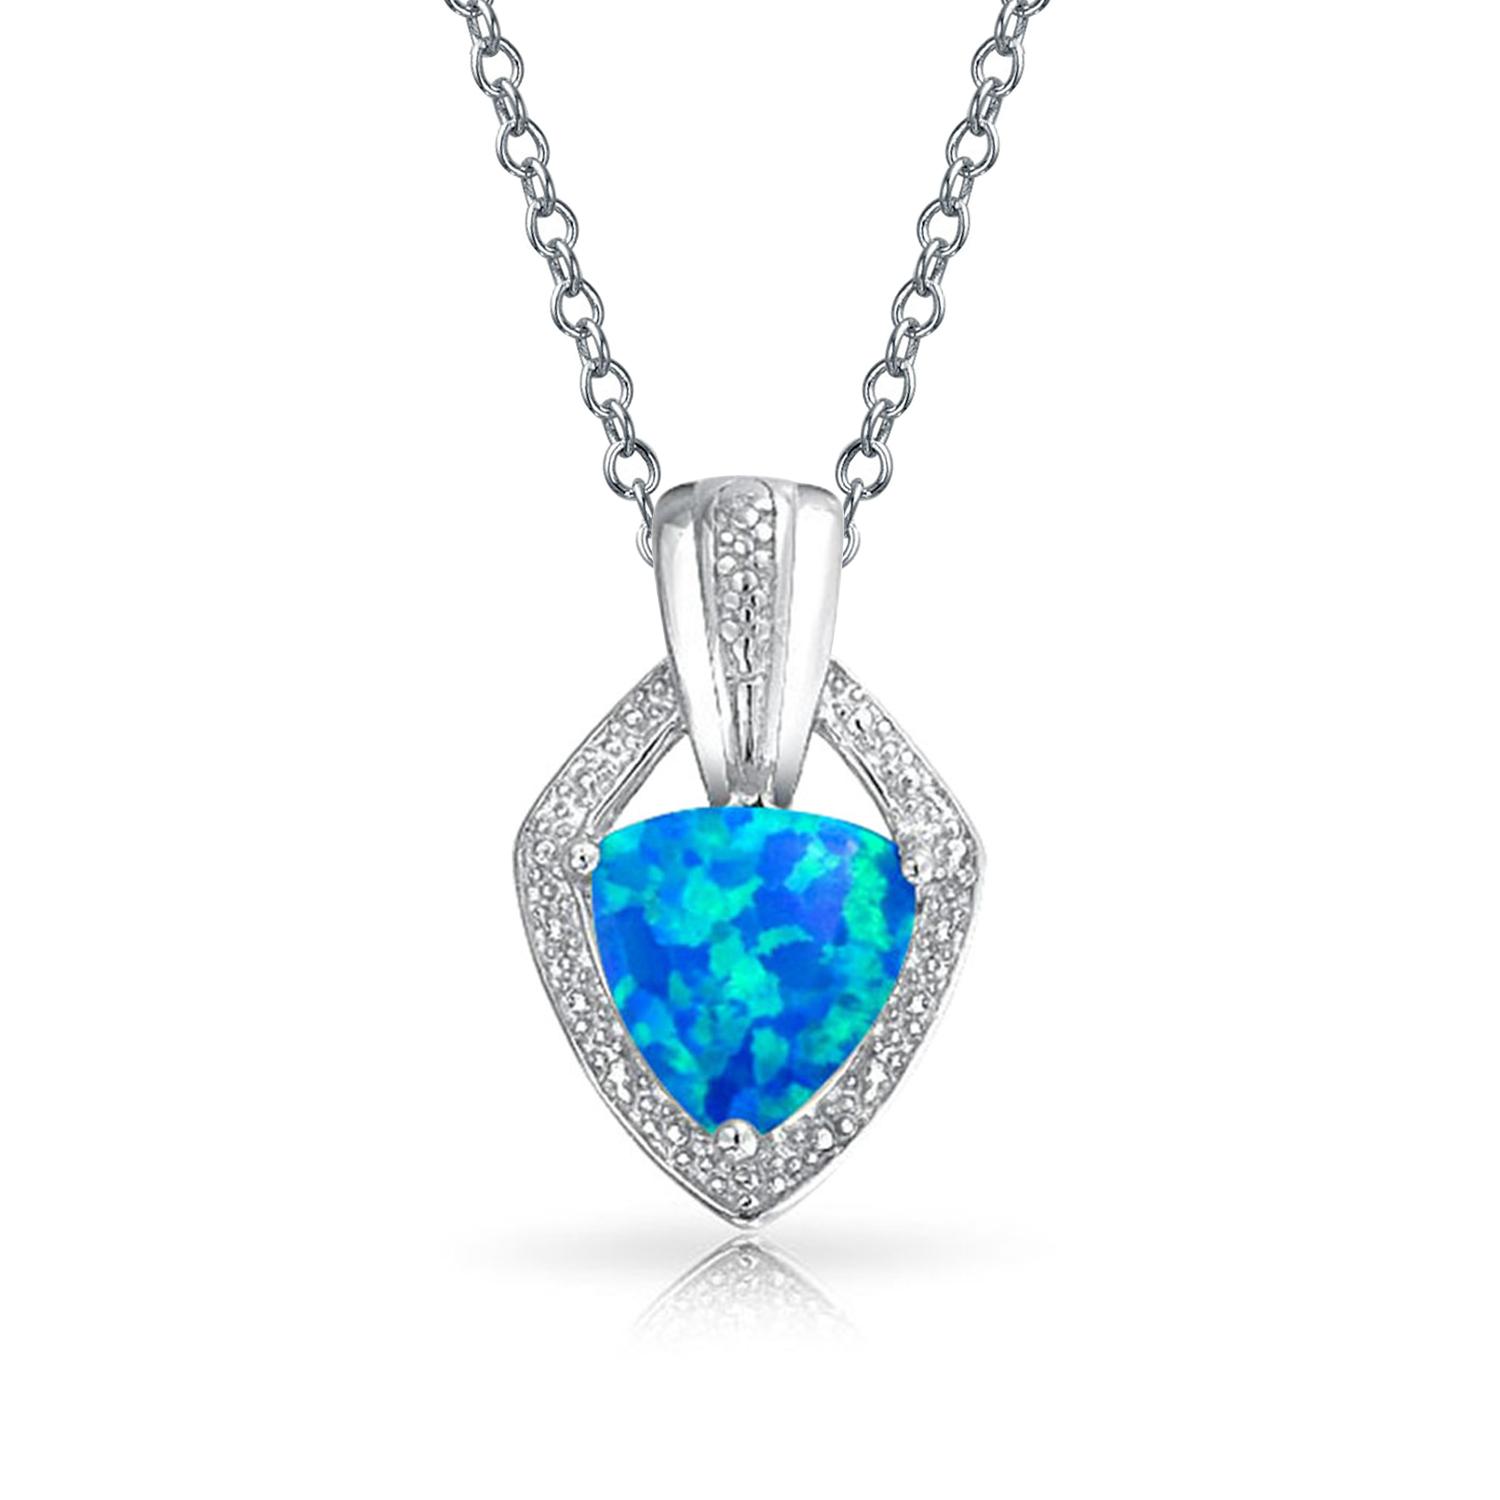 Solitaire Trillion Cut Blue Created Opal Pendant 925